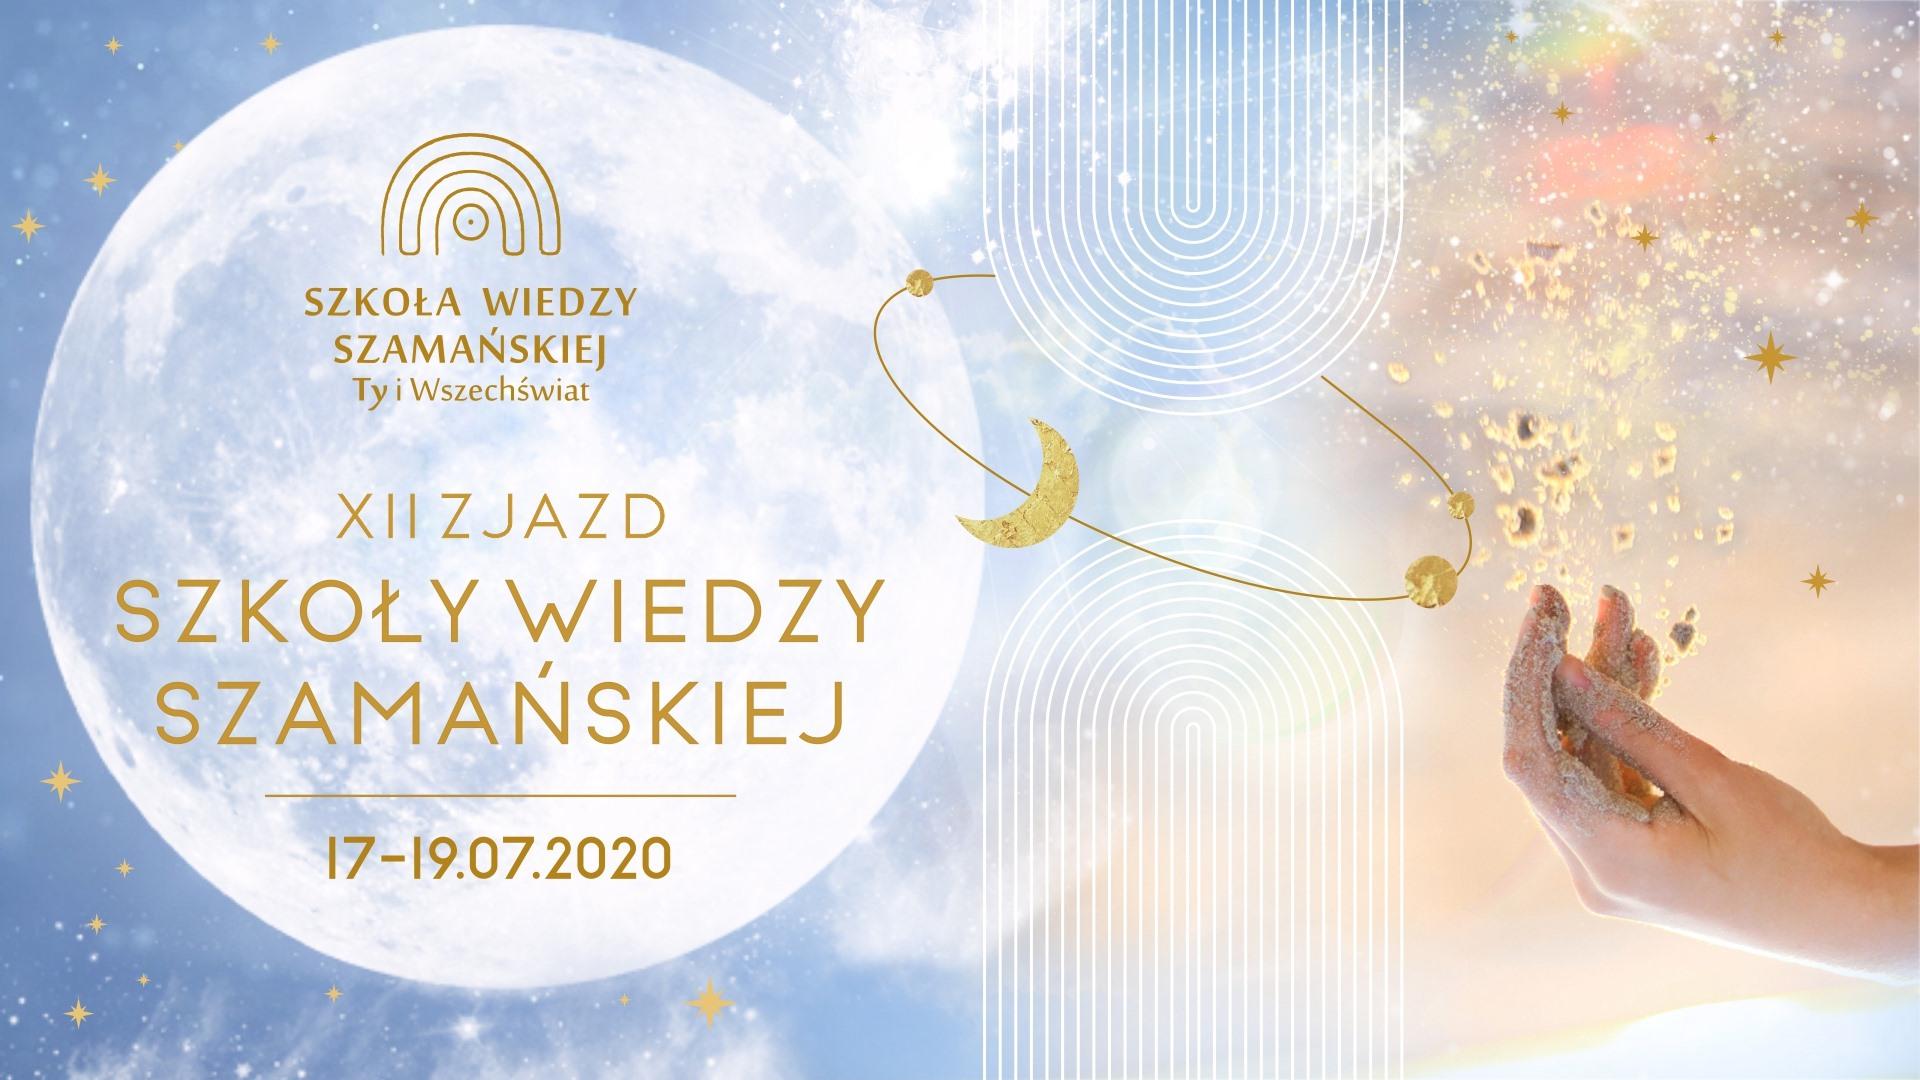 Szkoła Wiedzy Szamańskiej / lipiec 2020